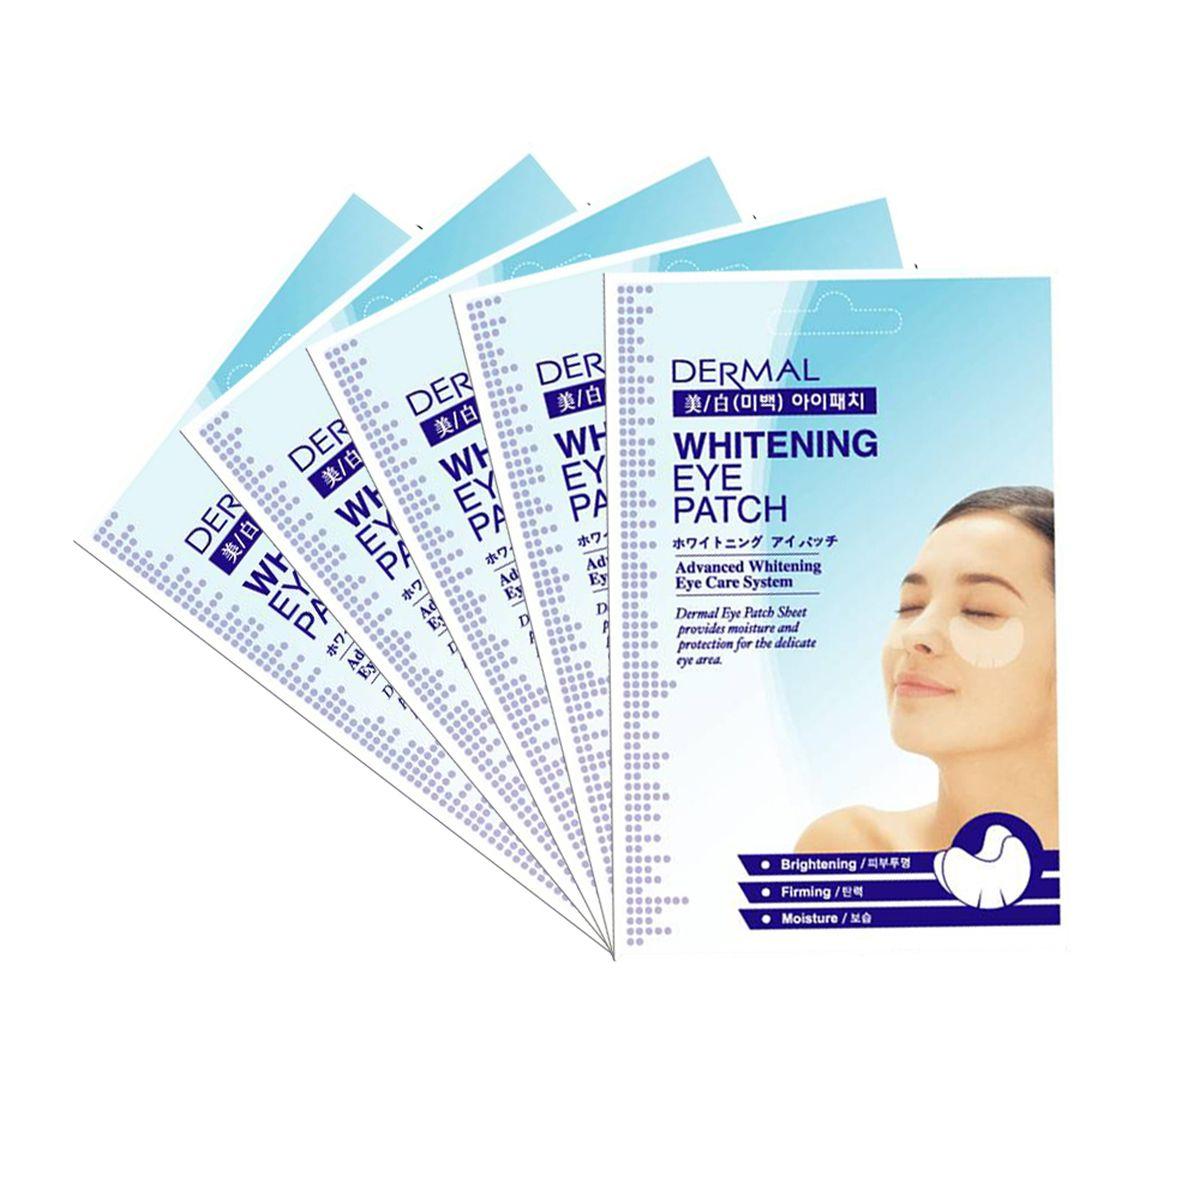 Осветляющие патчи для век DERMAL Whitening Eye Patch - 6 гр